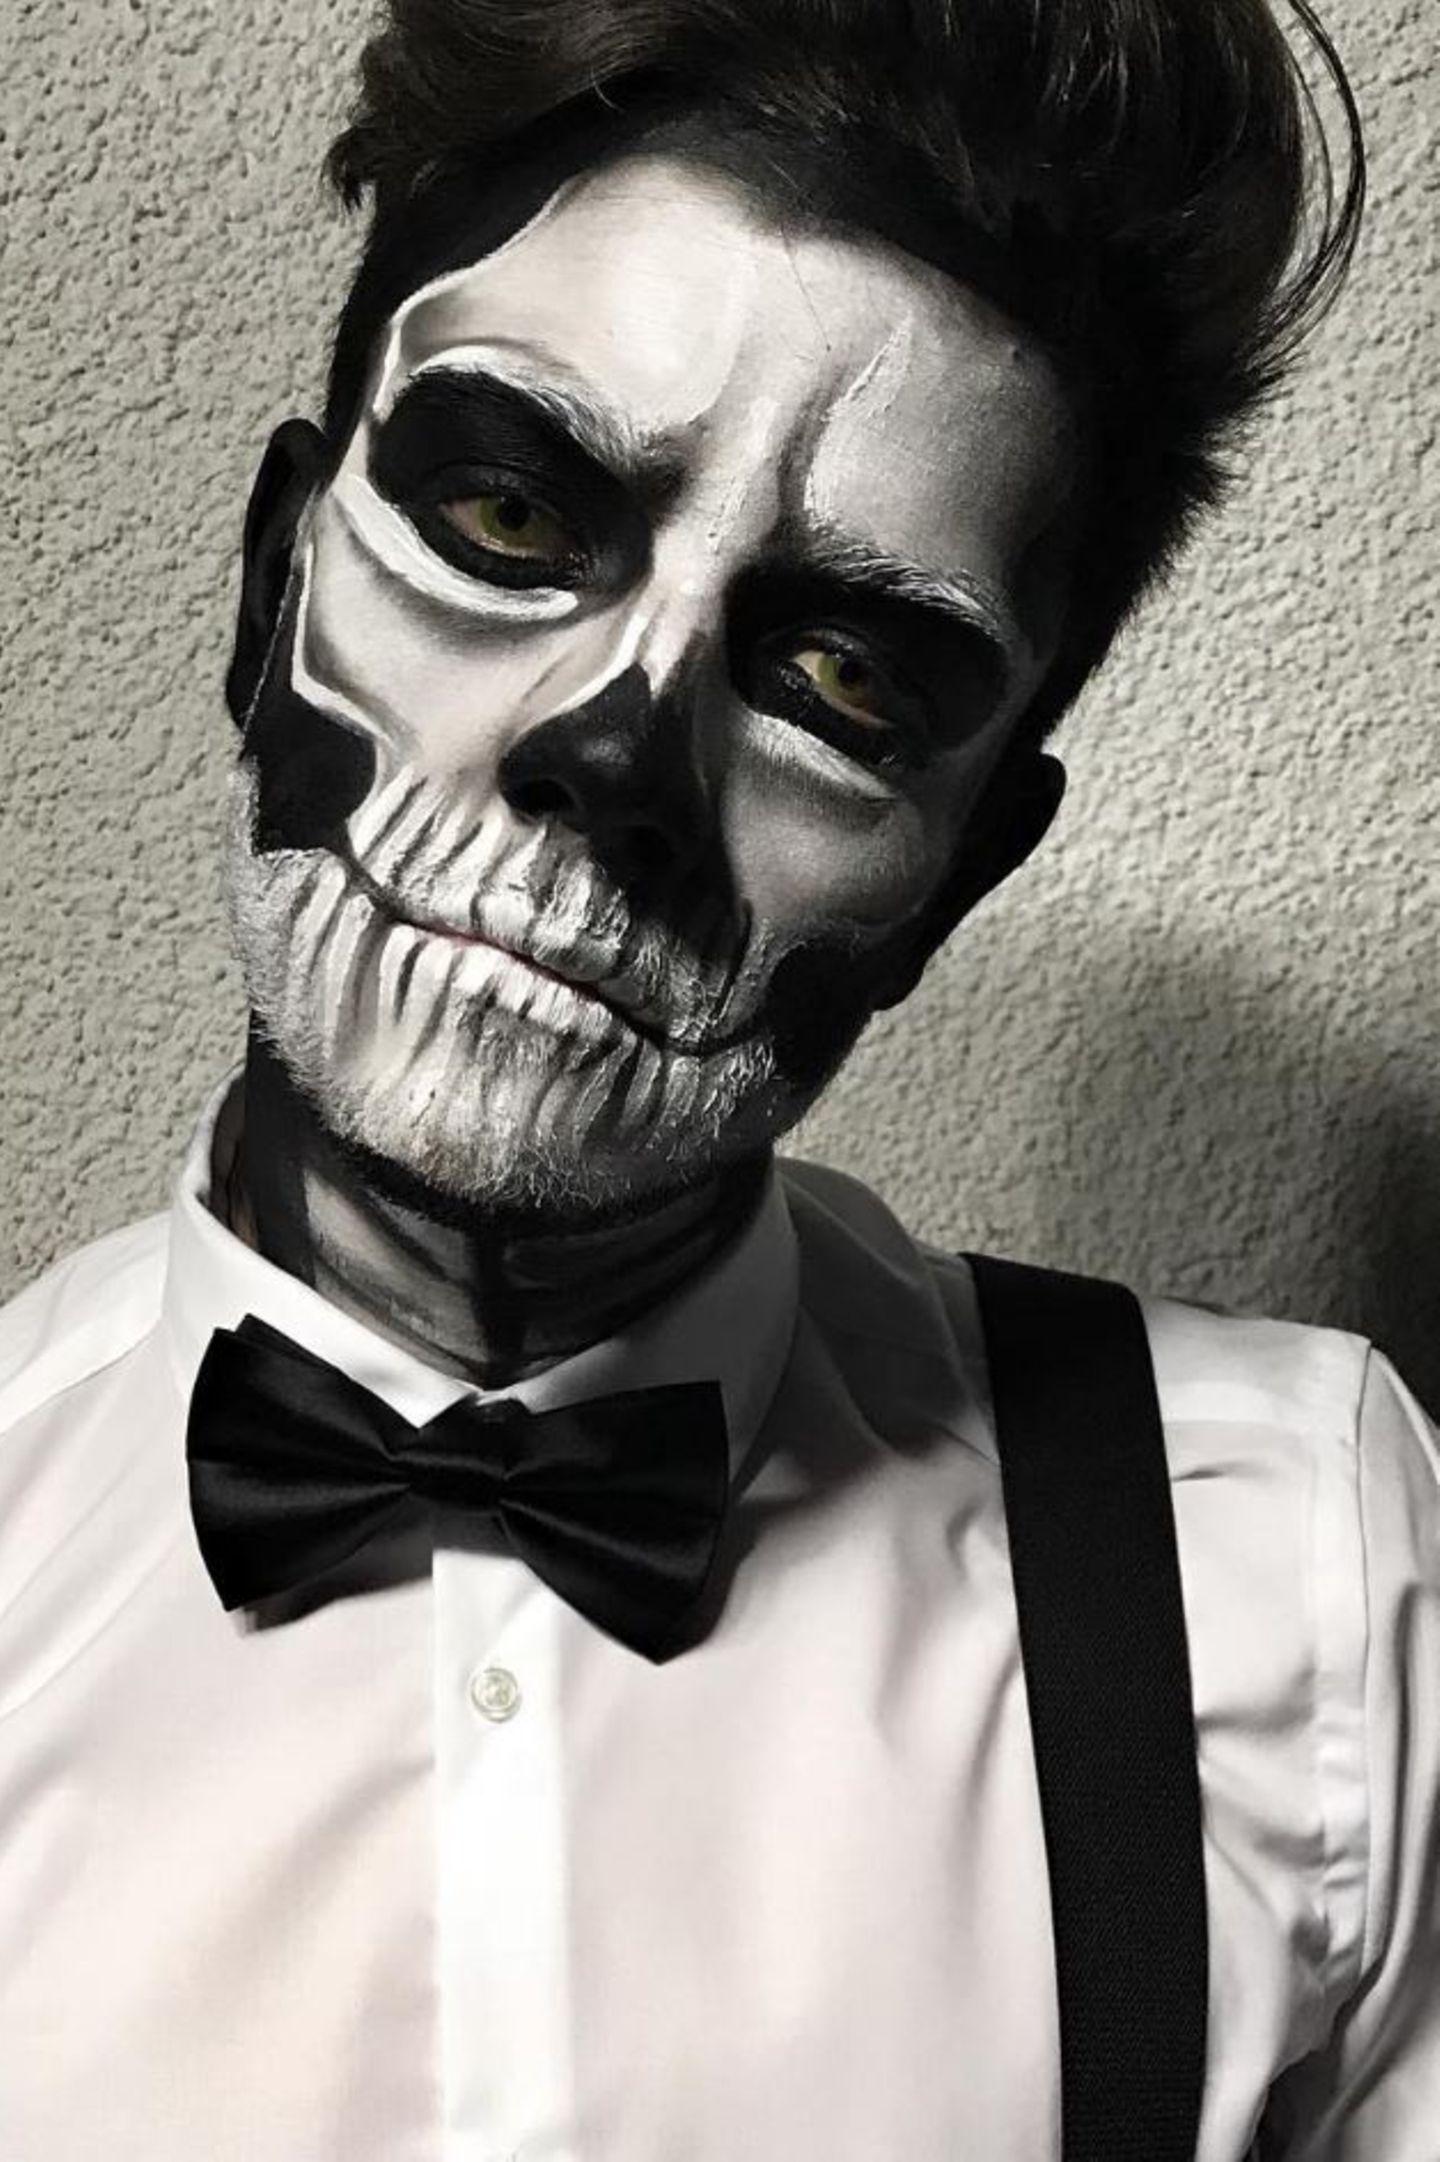 """Erkennen Sie, wer sich hinter diesem Totenkopf verbirgt? Tipp: Die gesuchte Person kommt aus der Schweiz, ist Sänger und Gewinner der Tanzshow """"Dance Dance Dance"""". Es ist Luca Hänni, der sich für eine Halloween-Party in Zürich in die Schwarz-Weiße-Schminke geworfen hat."""